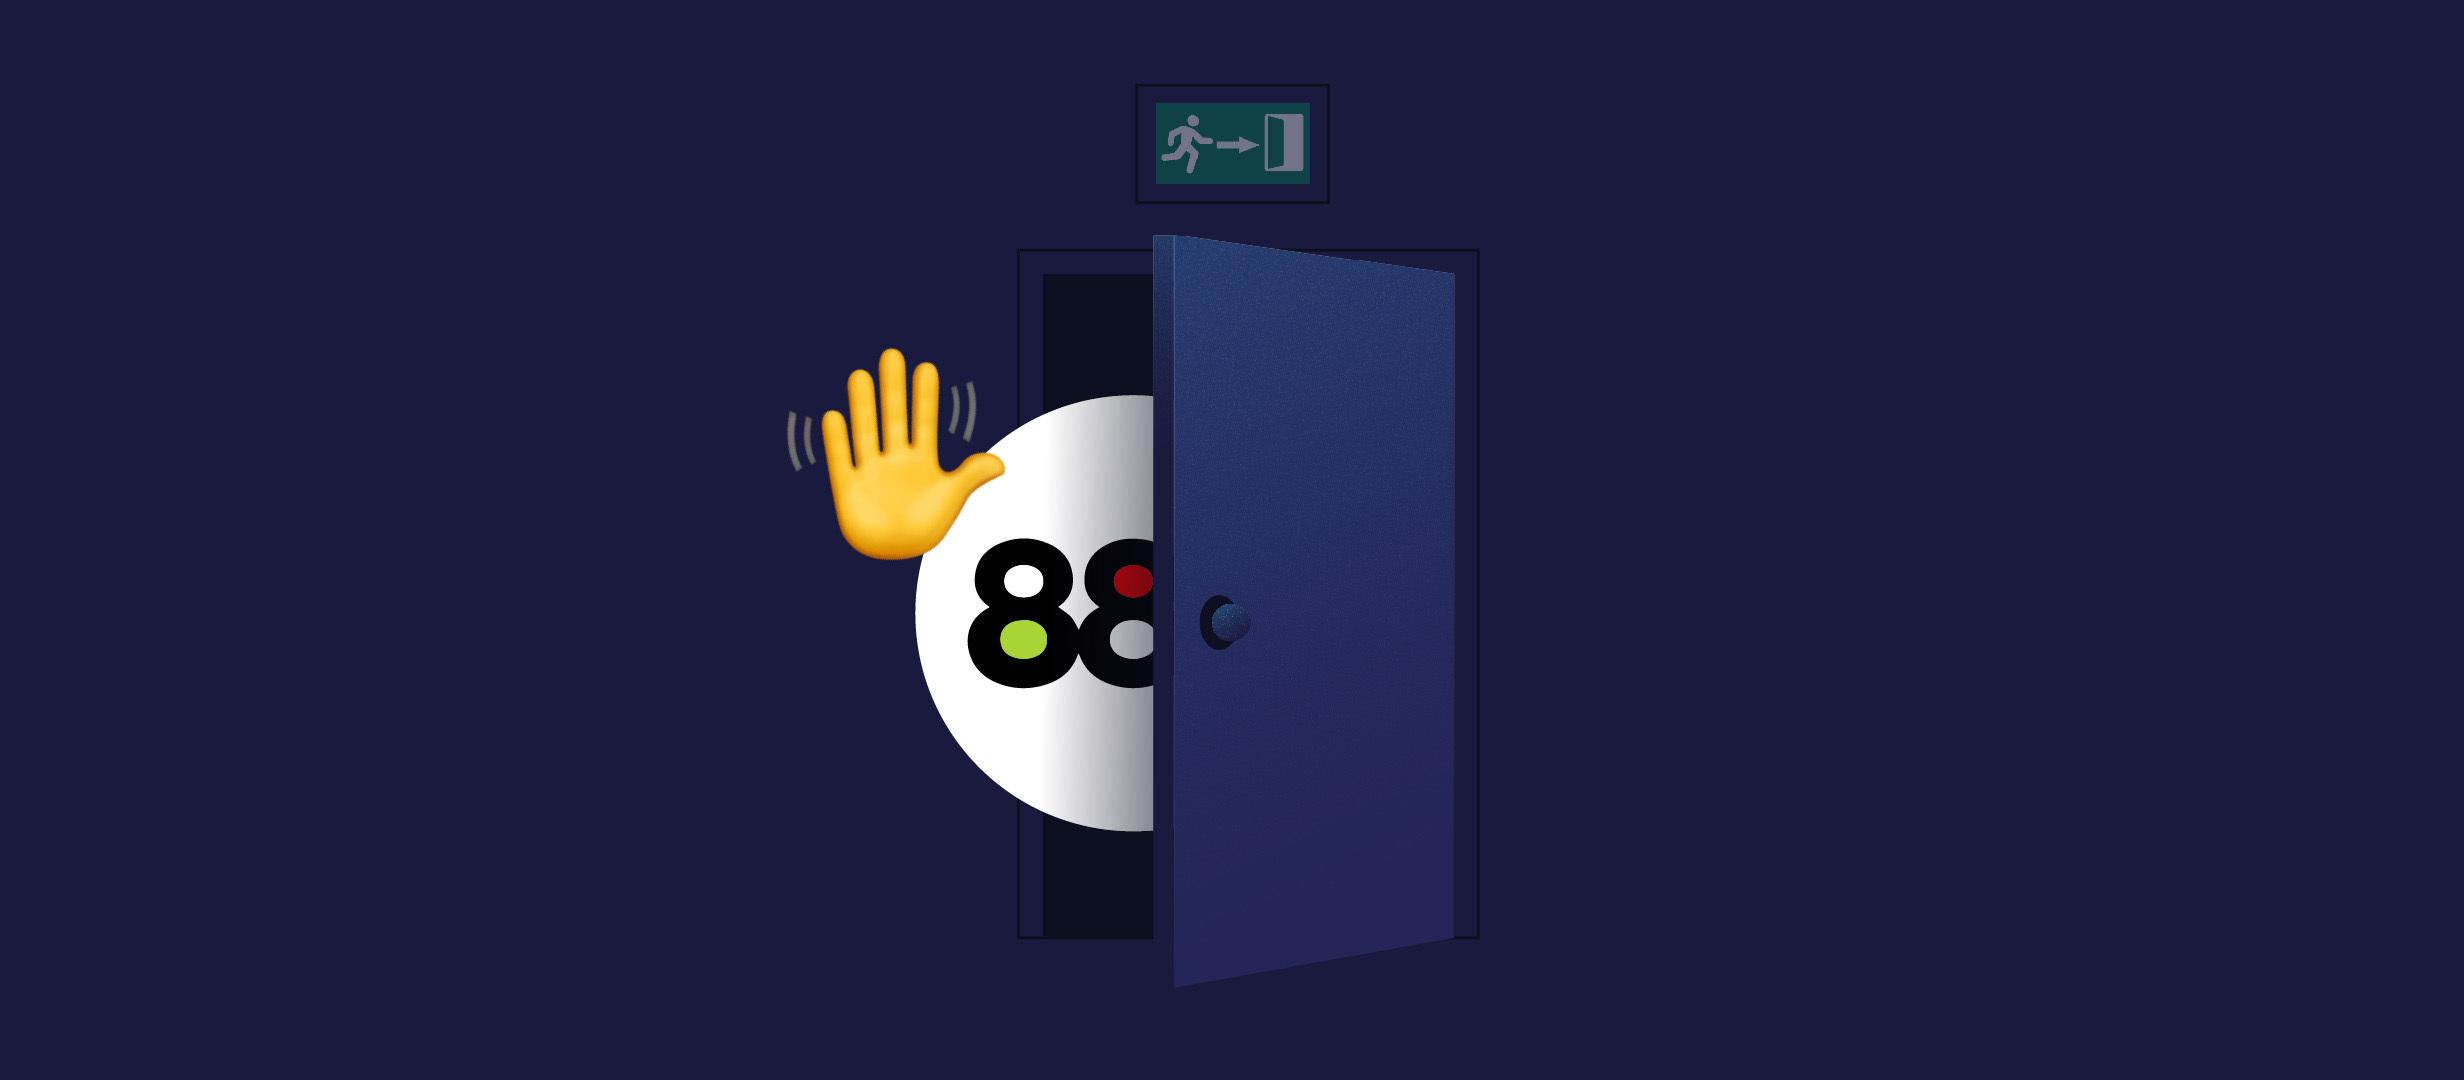 БК 888 прекращает работу в России с 1 октября